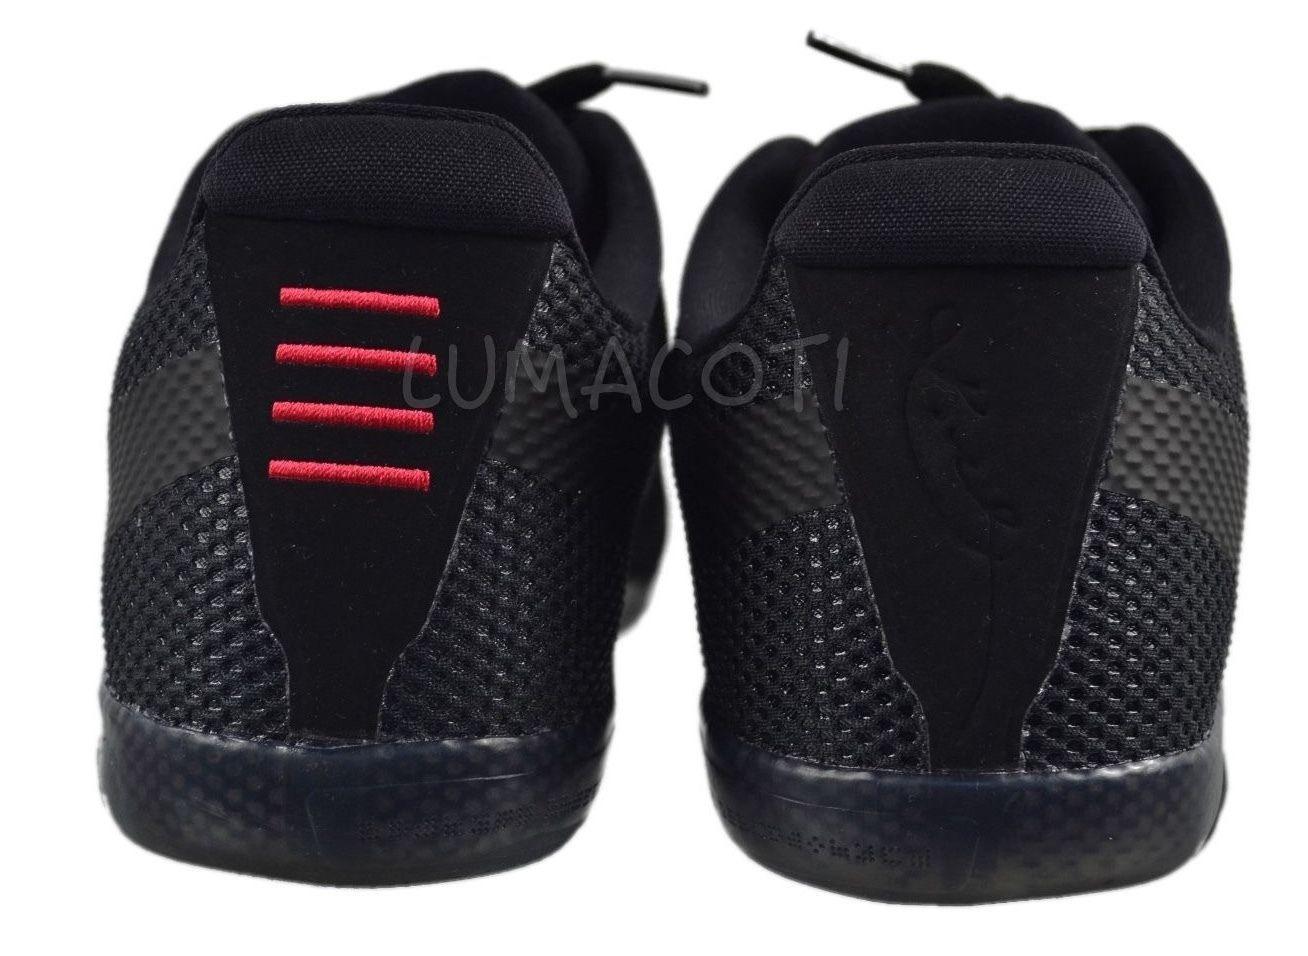 [836183 001] Mens Nike Kobe 11 Black/Cool Grey Low Athletic Sneakers